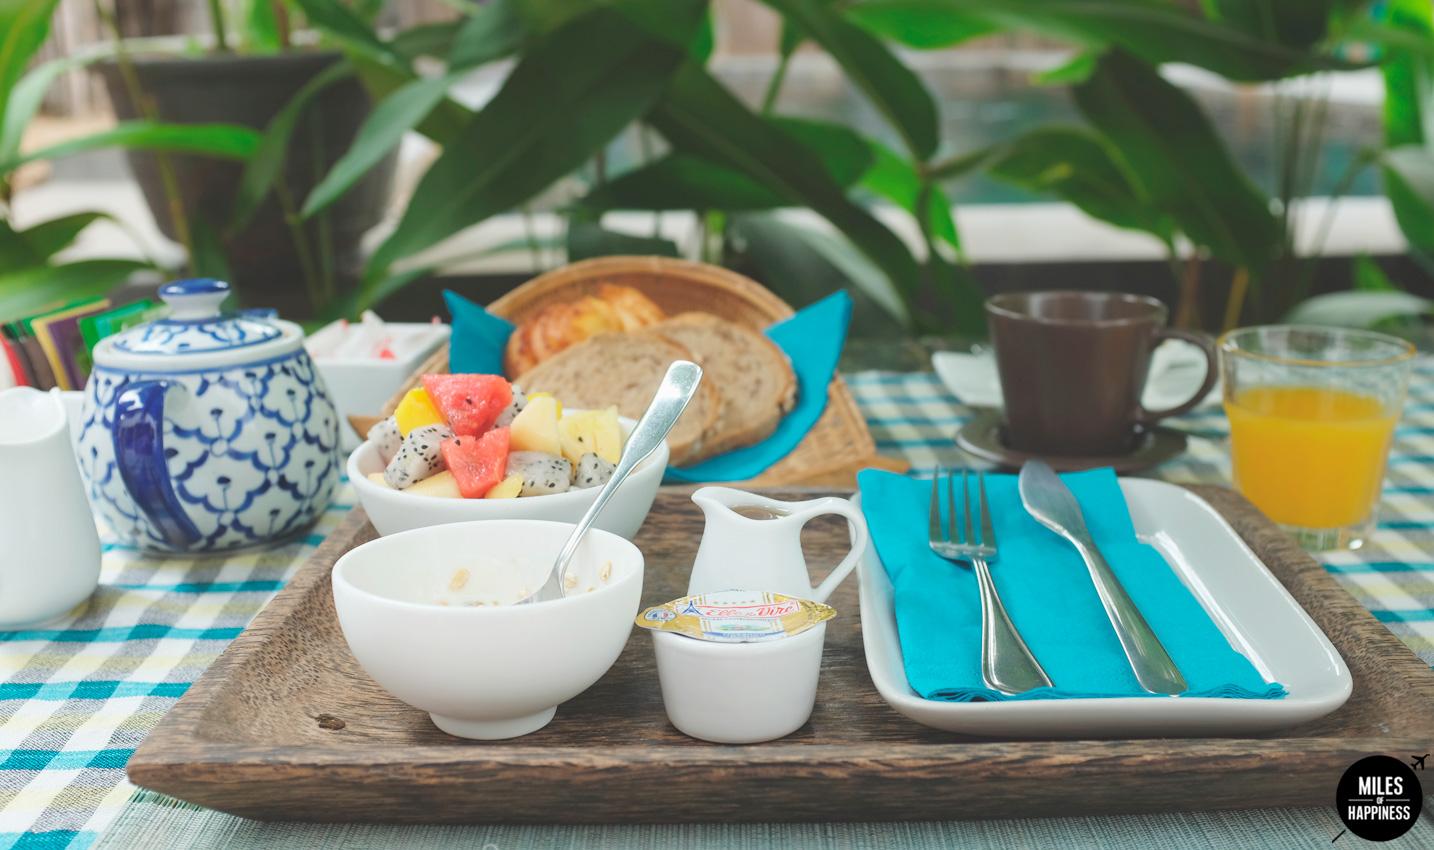 Maison 557: An intimate garden retreat in Siem Reap